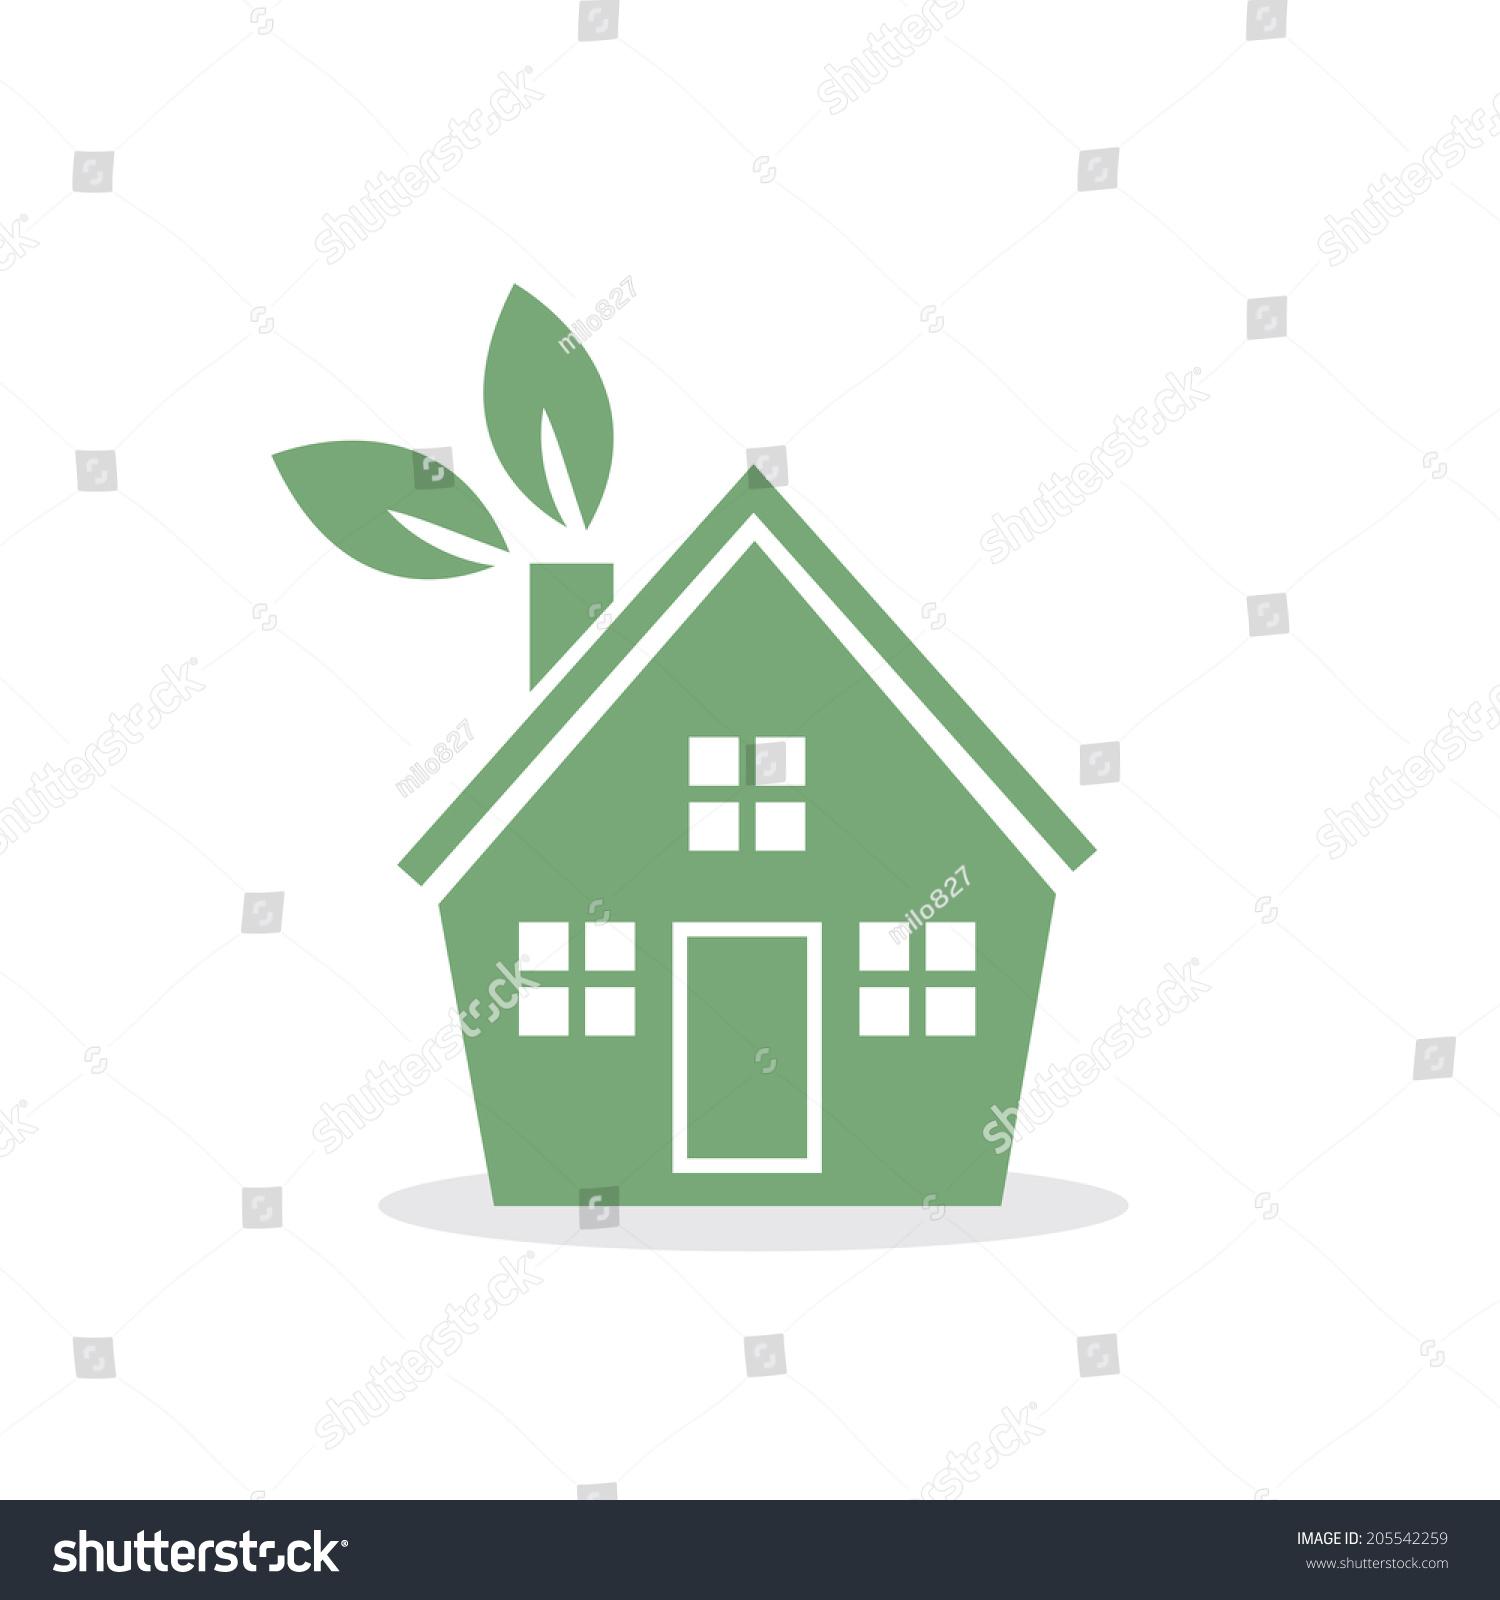 綠色的房子用樹葉在煙囪上-建筑物/地標,自然-海洛()